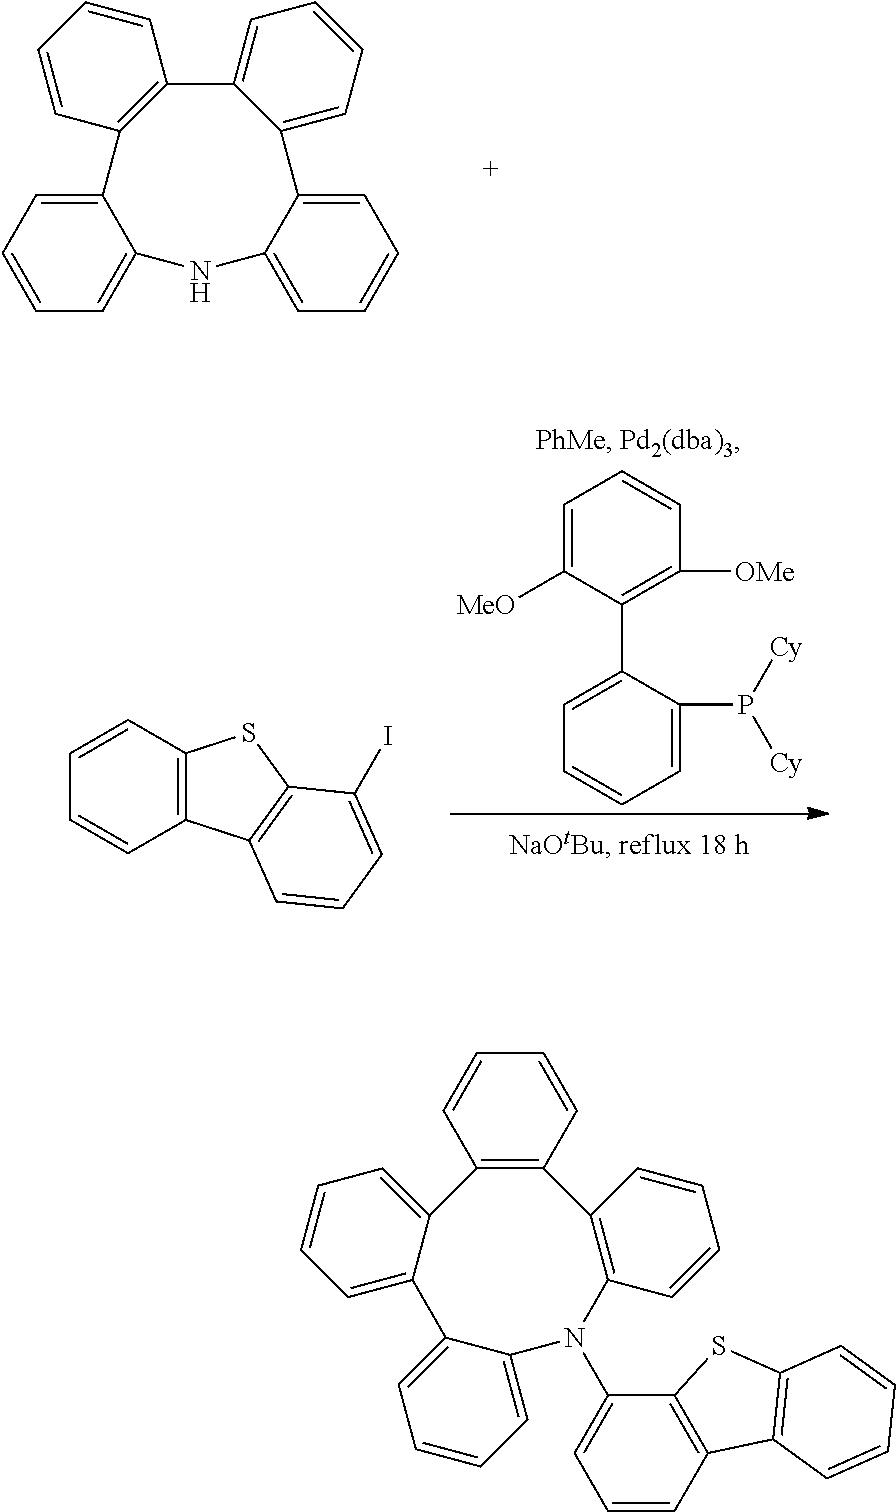 Figure US09978956-20180522-C00123